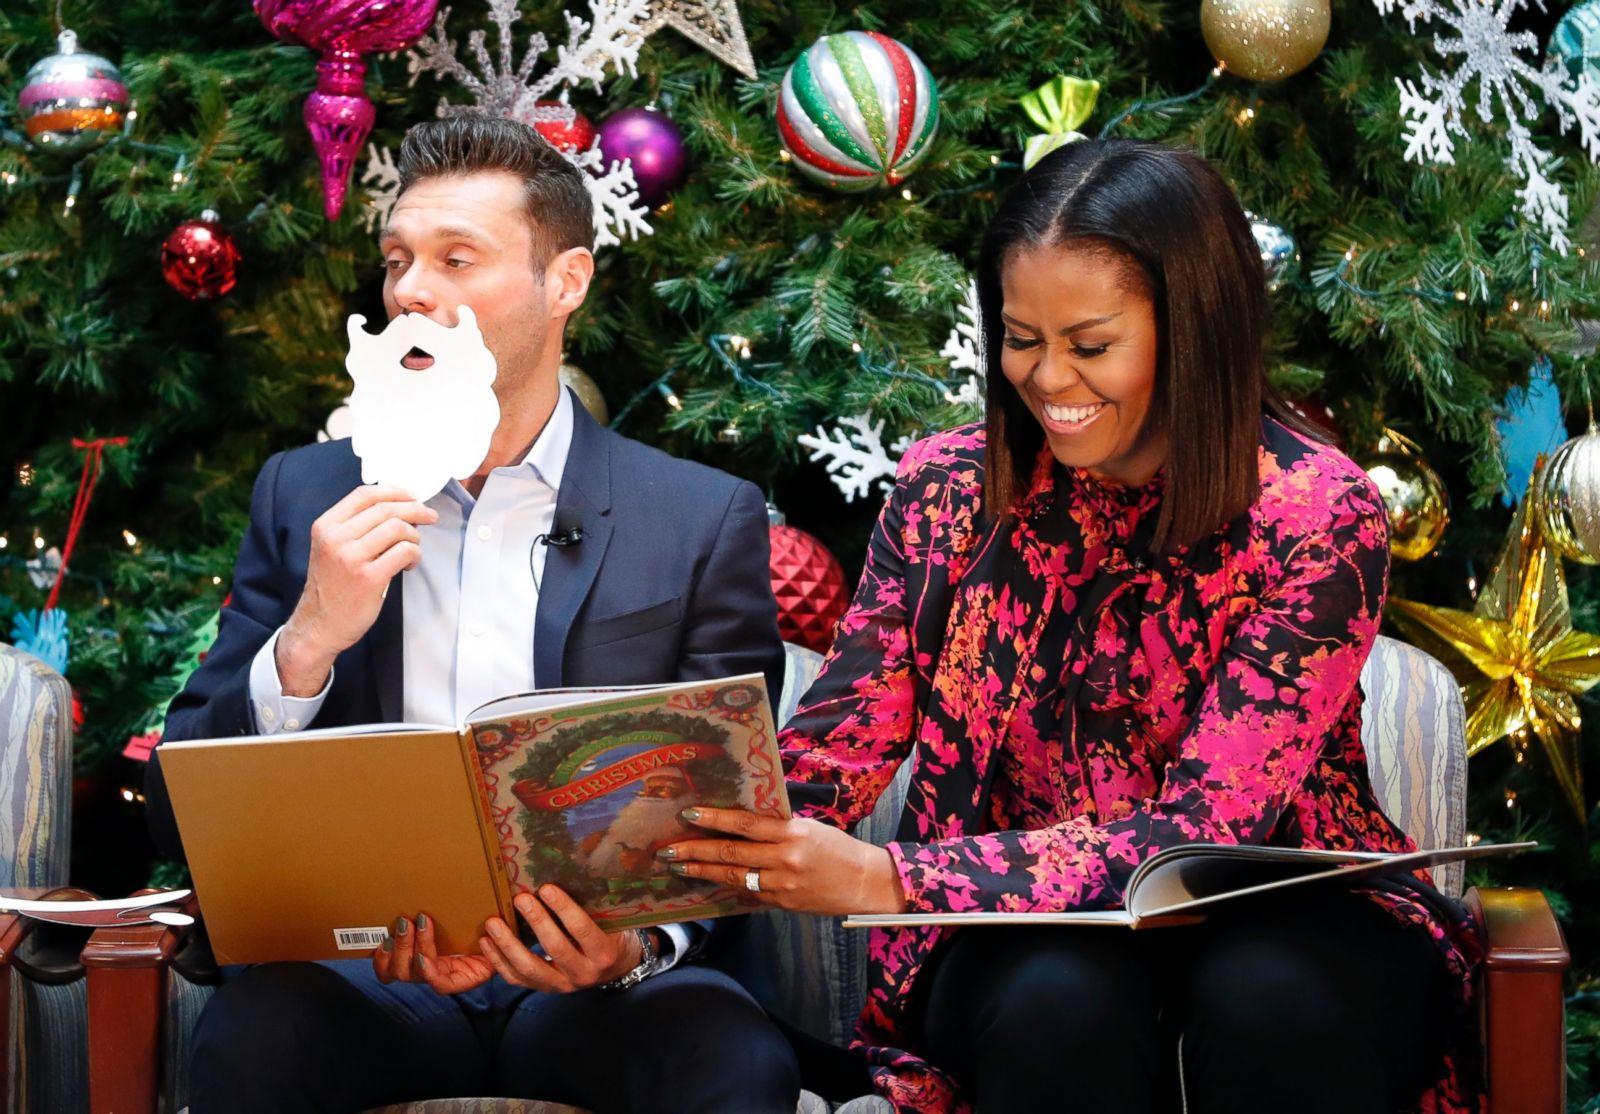 Portrait michelle obama